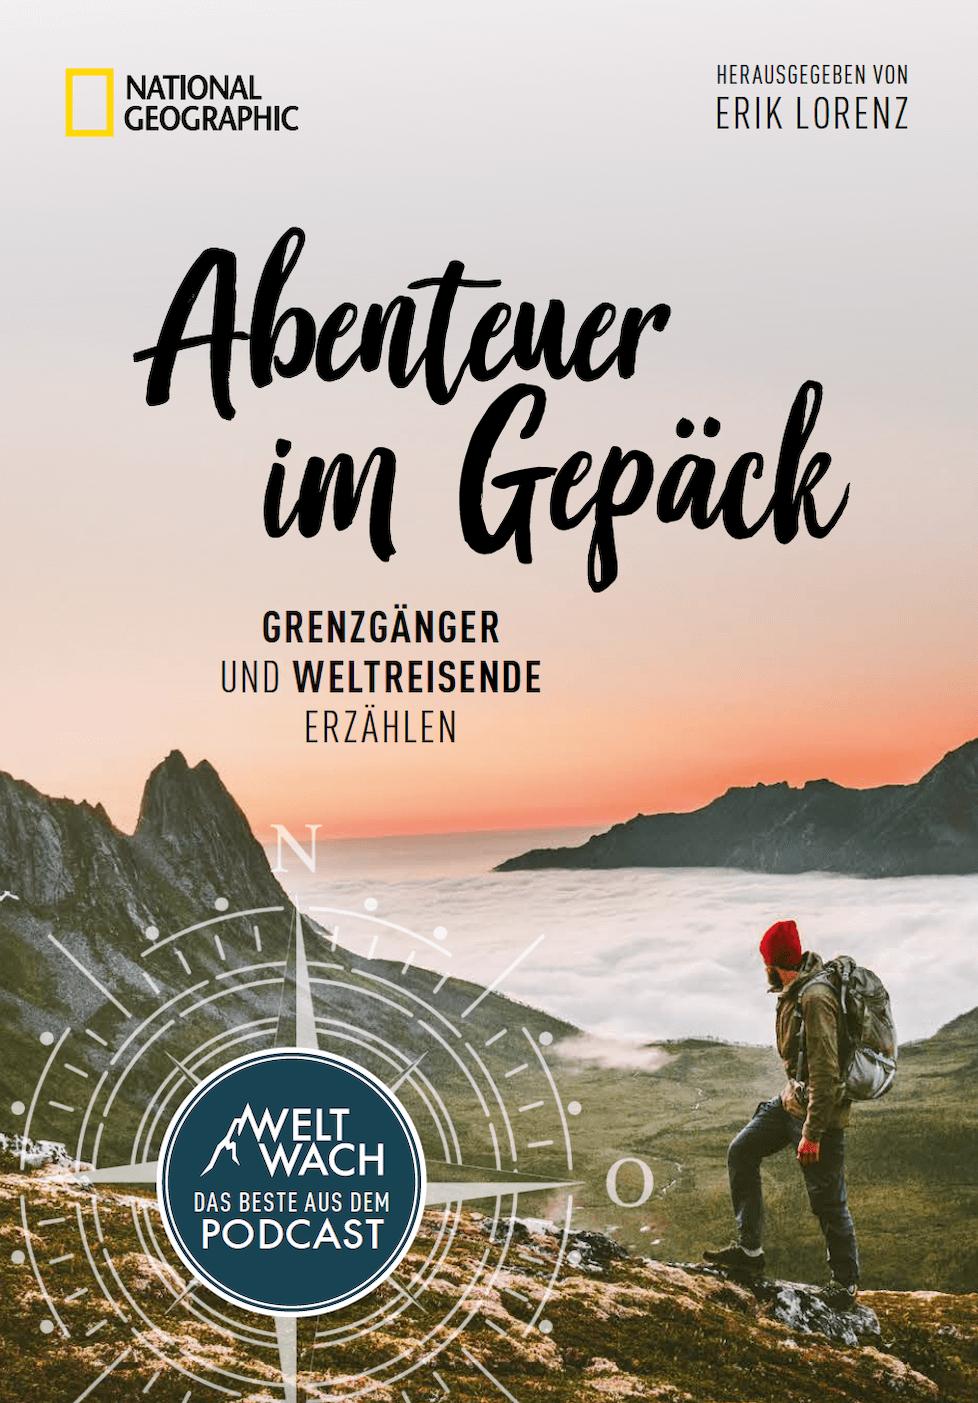 Abenteuer im Gepäck Weltwach Cover